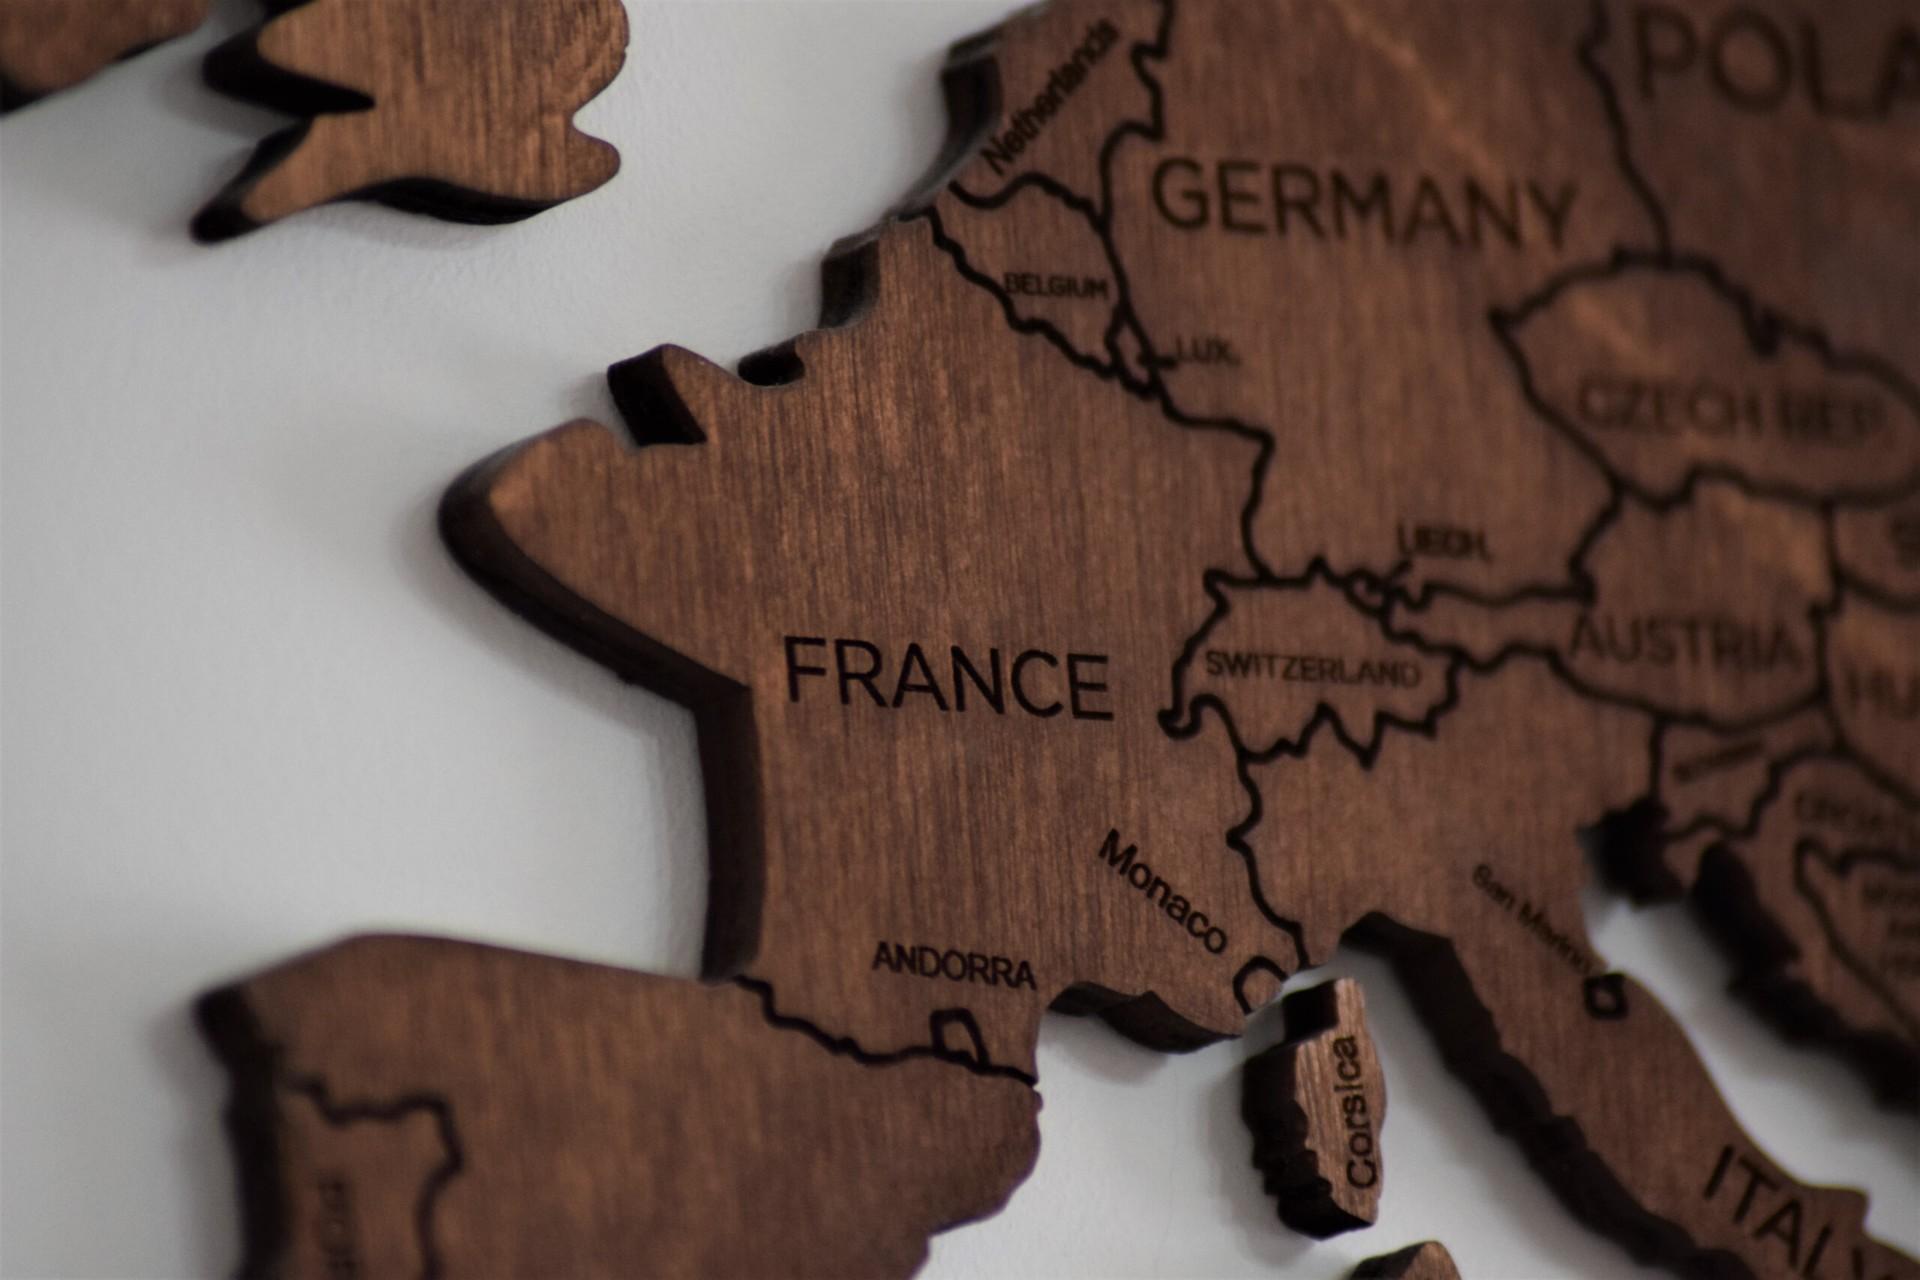 Radicamento sul territorio e Mandato Arresto Europeo